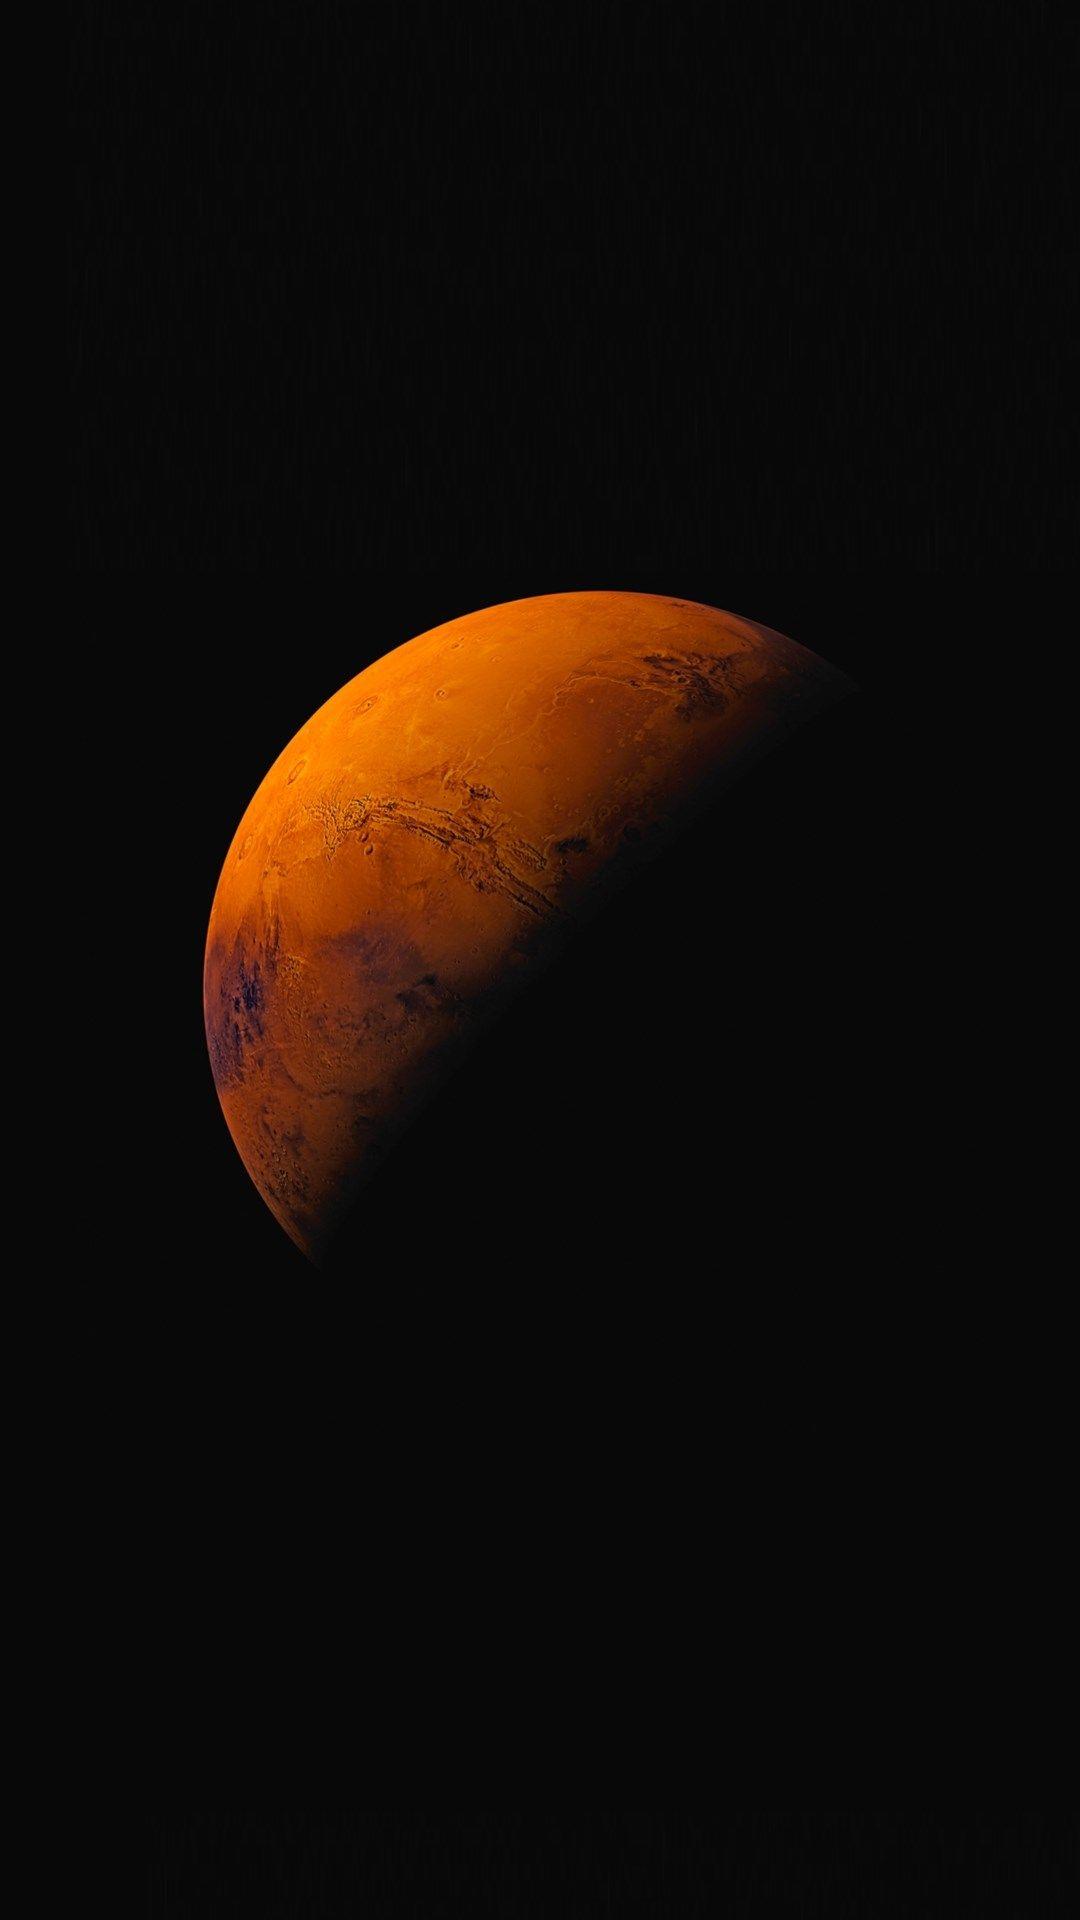 dark planet iphone background